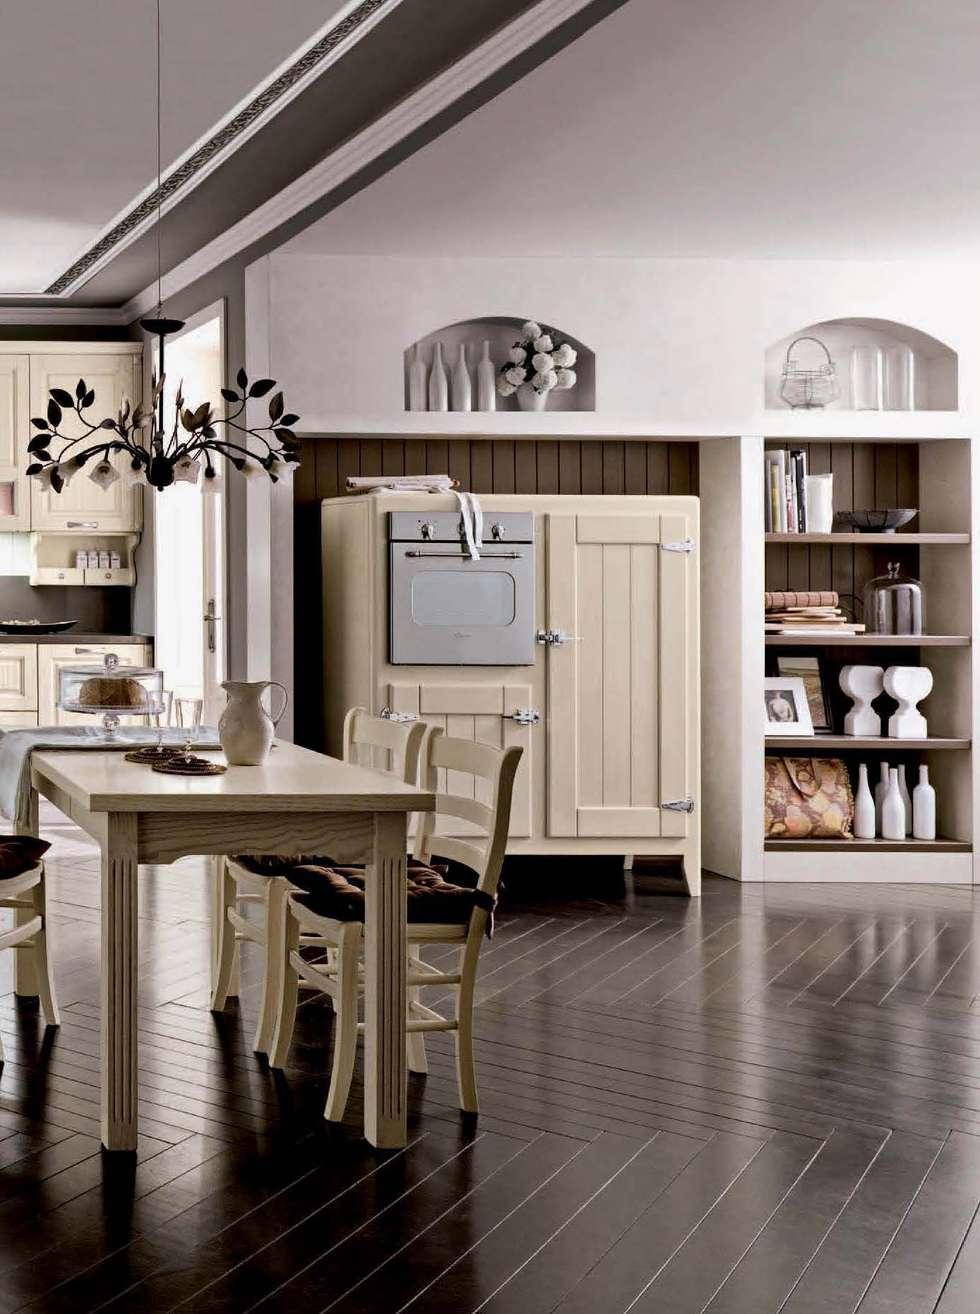 Un Trend Intramontabile Le Cucine In Arte Povera # Muebles Arte Povera